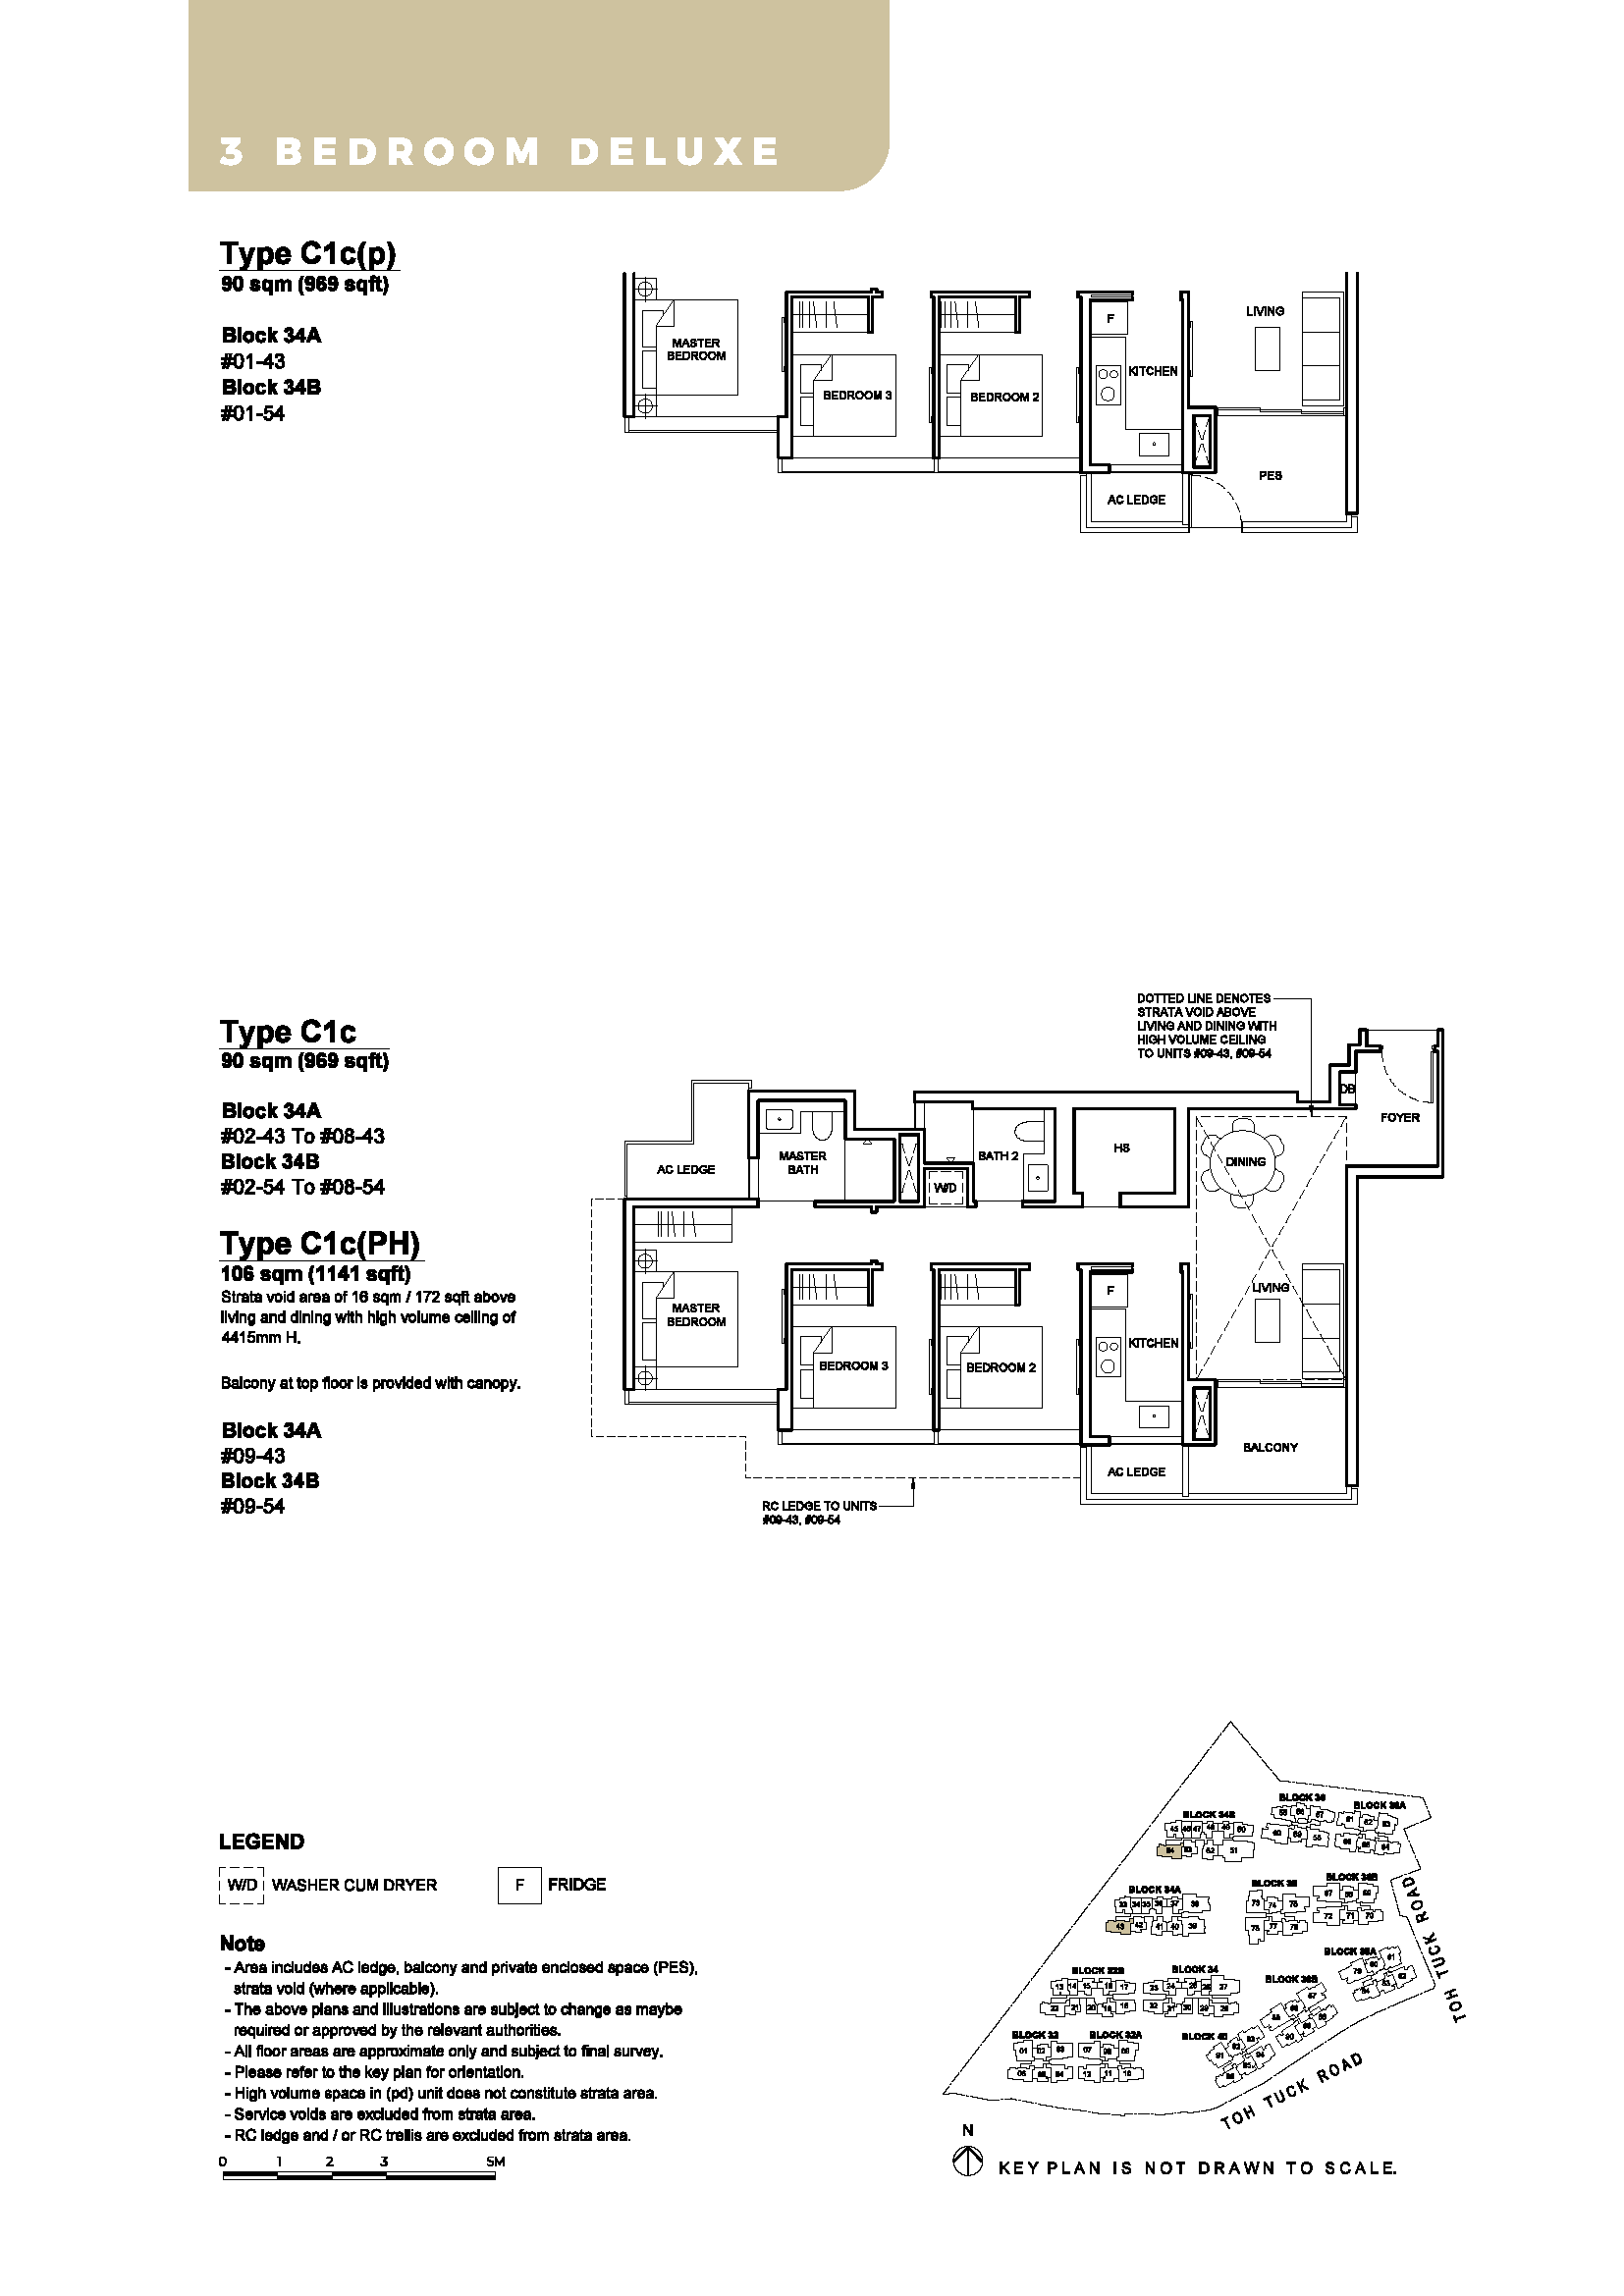 Type C1c - C1c(p) - C1c(PH)